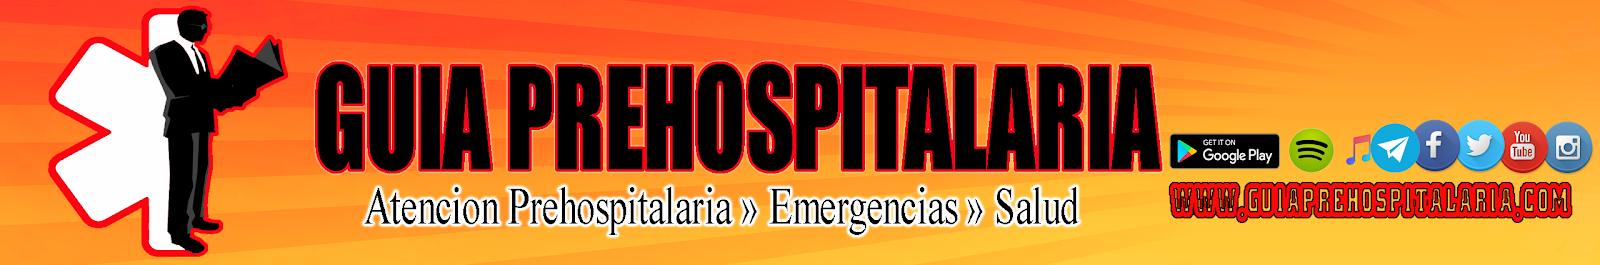 Guia Prehospitalaria   Atención Prehospitalaria, Emergencias, Salud...